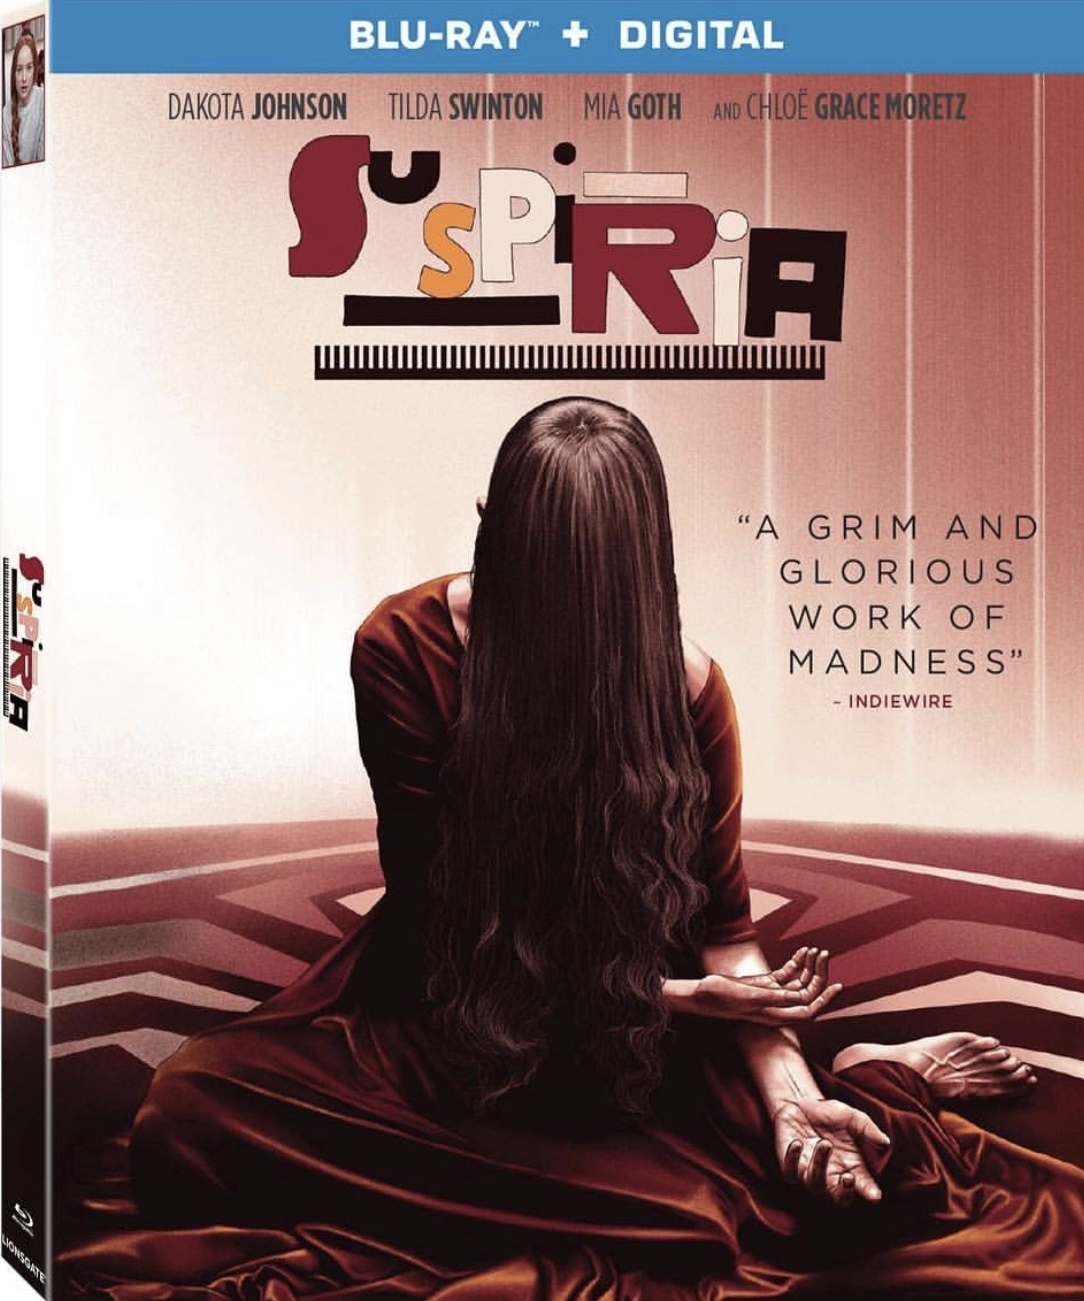 Suspiria (2018) poster image